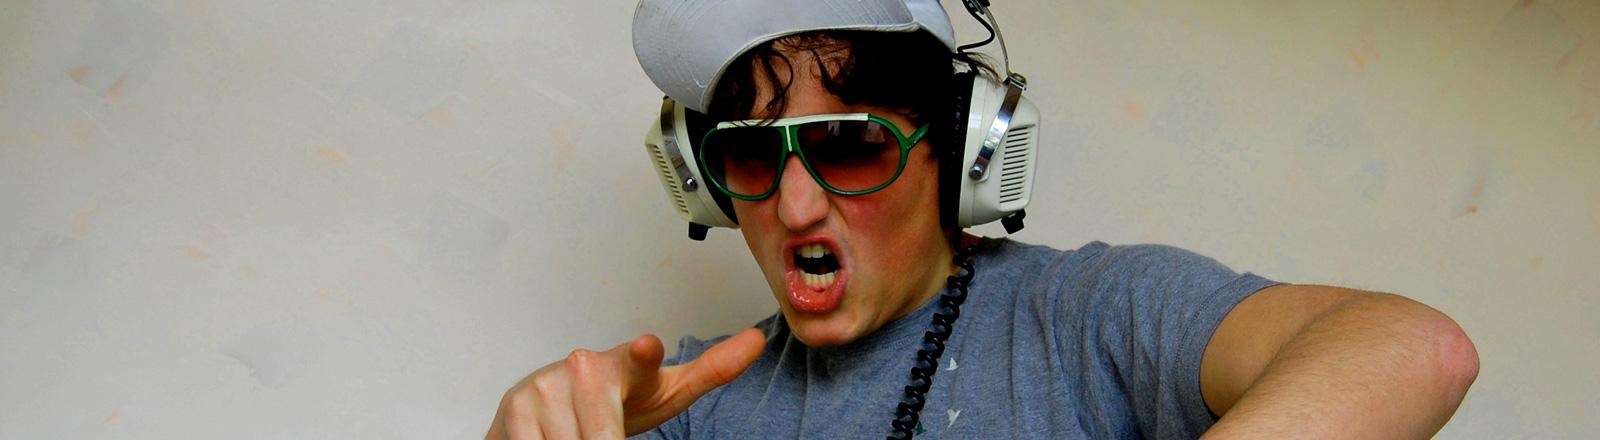 Ein Mann hat eine Kappe auf dem Kopf und Kopfhörer auf den Ohren. Er rappt mit den Armen.